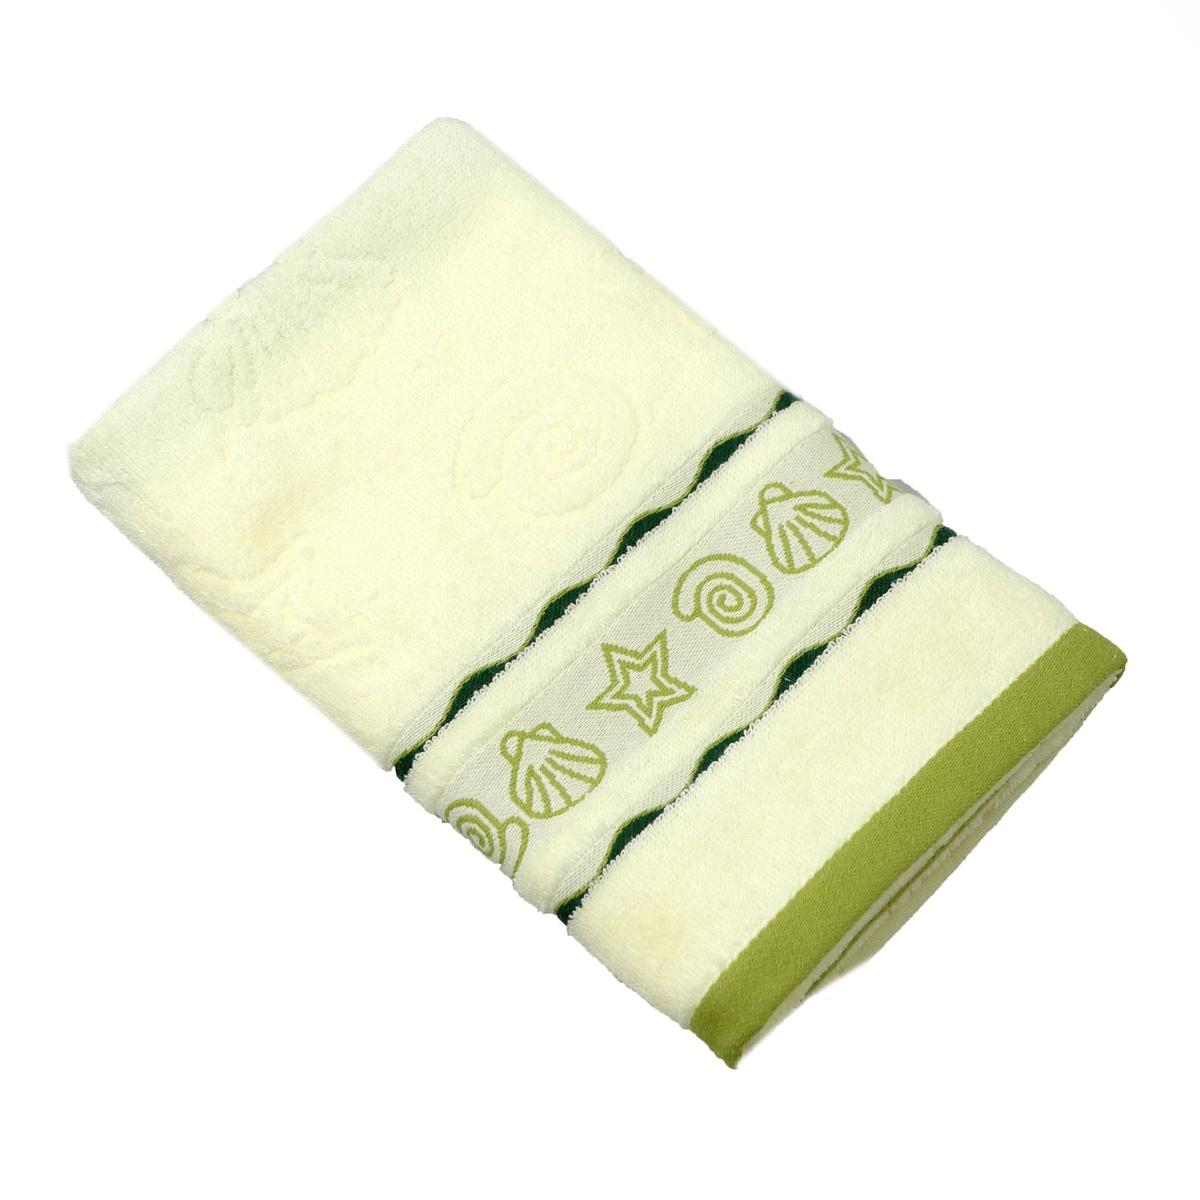 Полотенце для лица, рук или ног Belezza Maritime Хлопок, Махровая ткань, 50x80 см, кремовый, зеленый #1